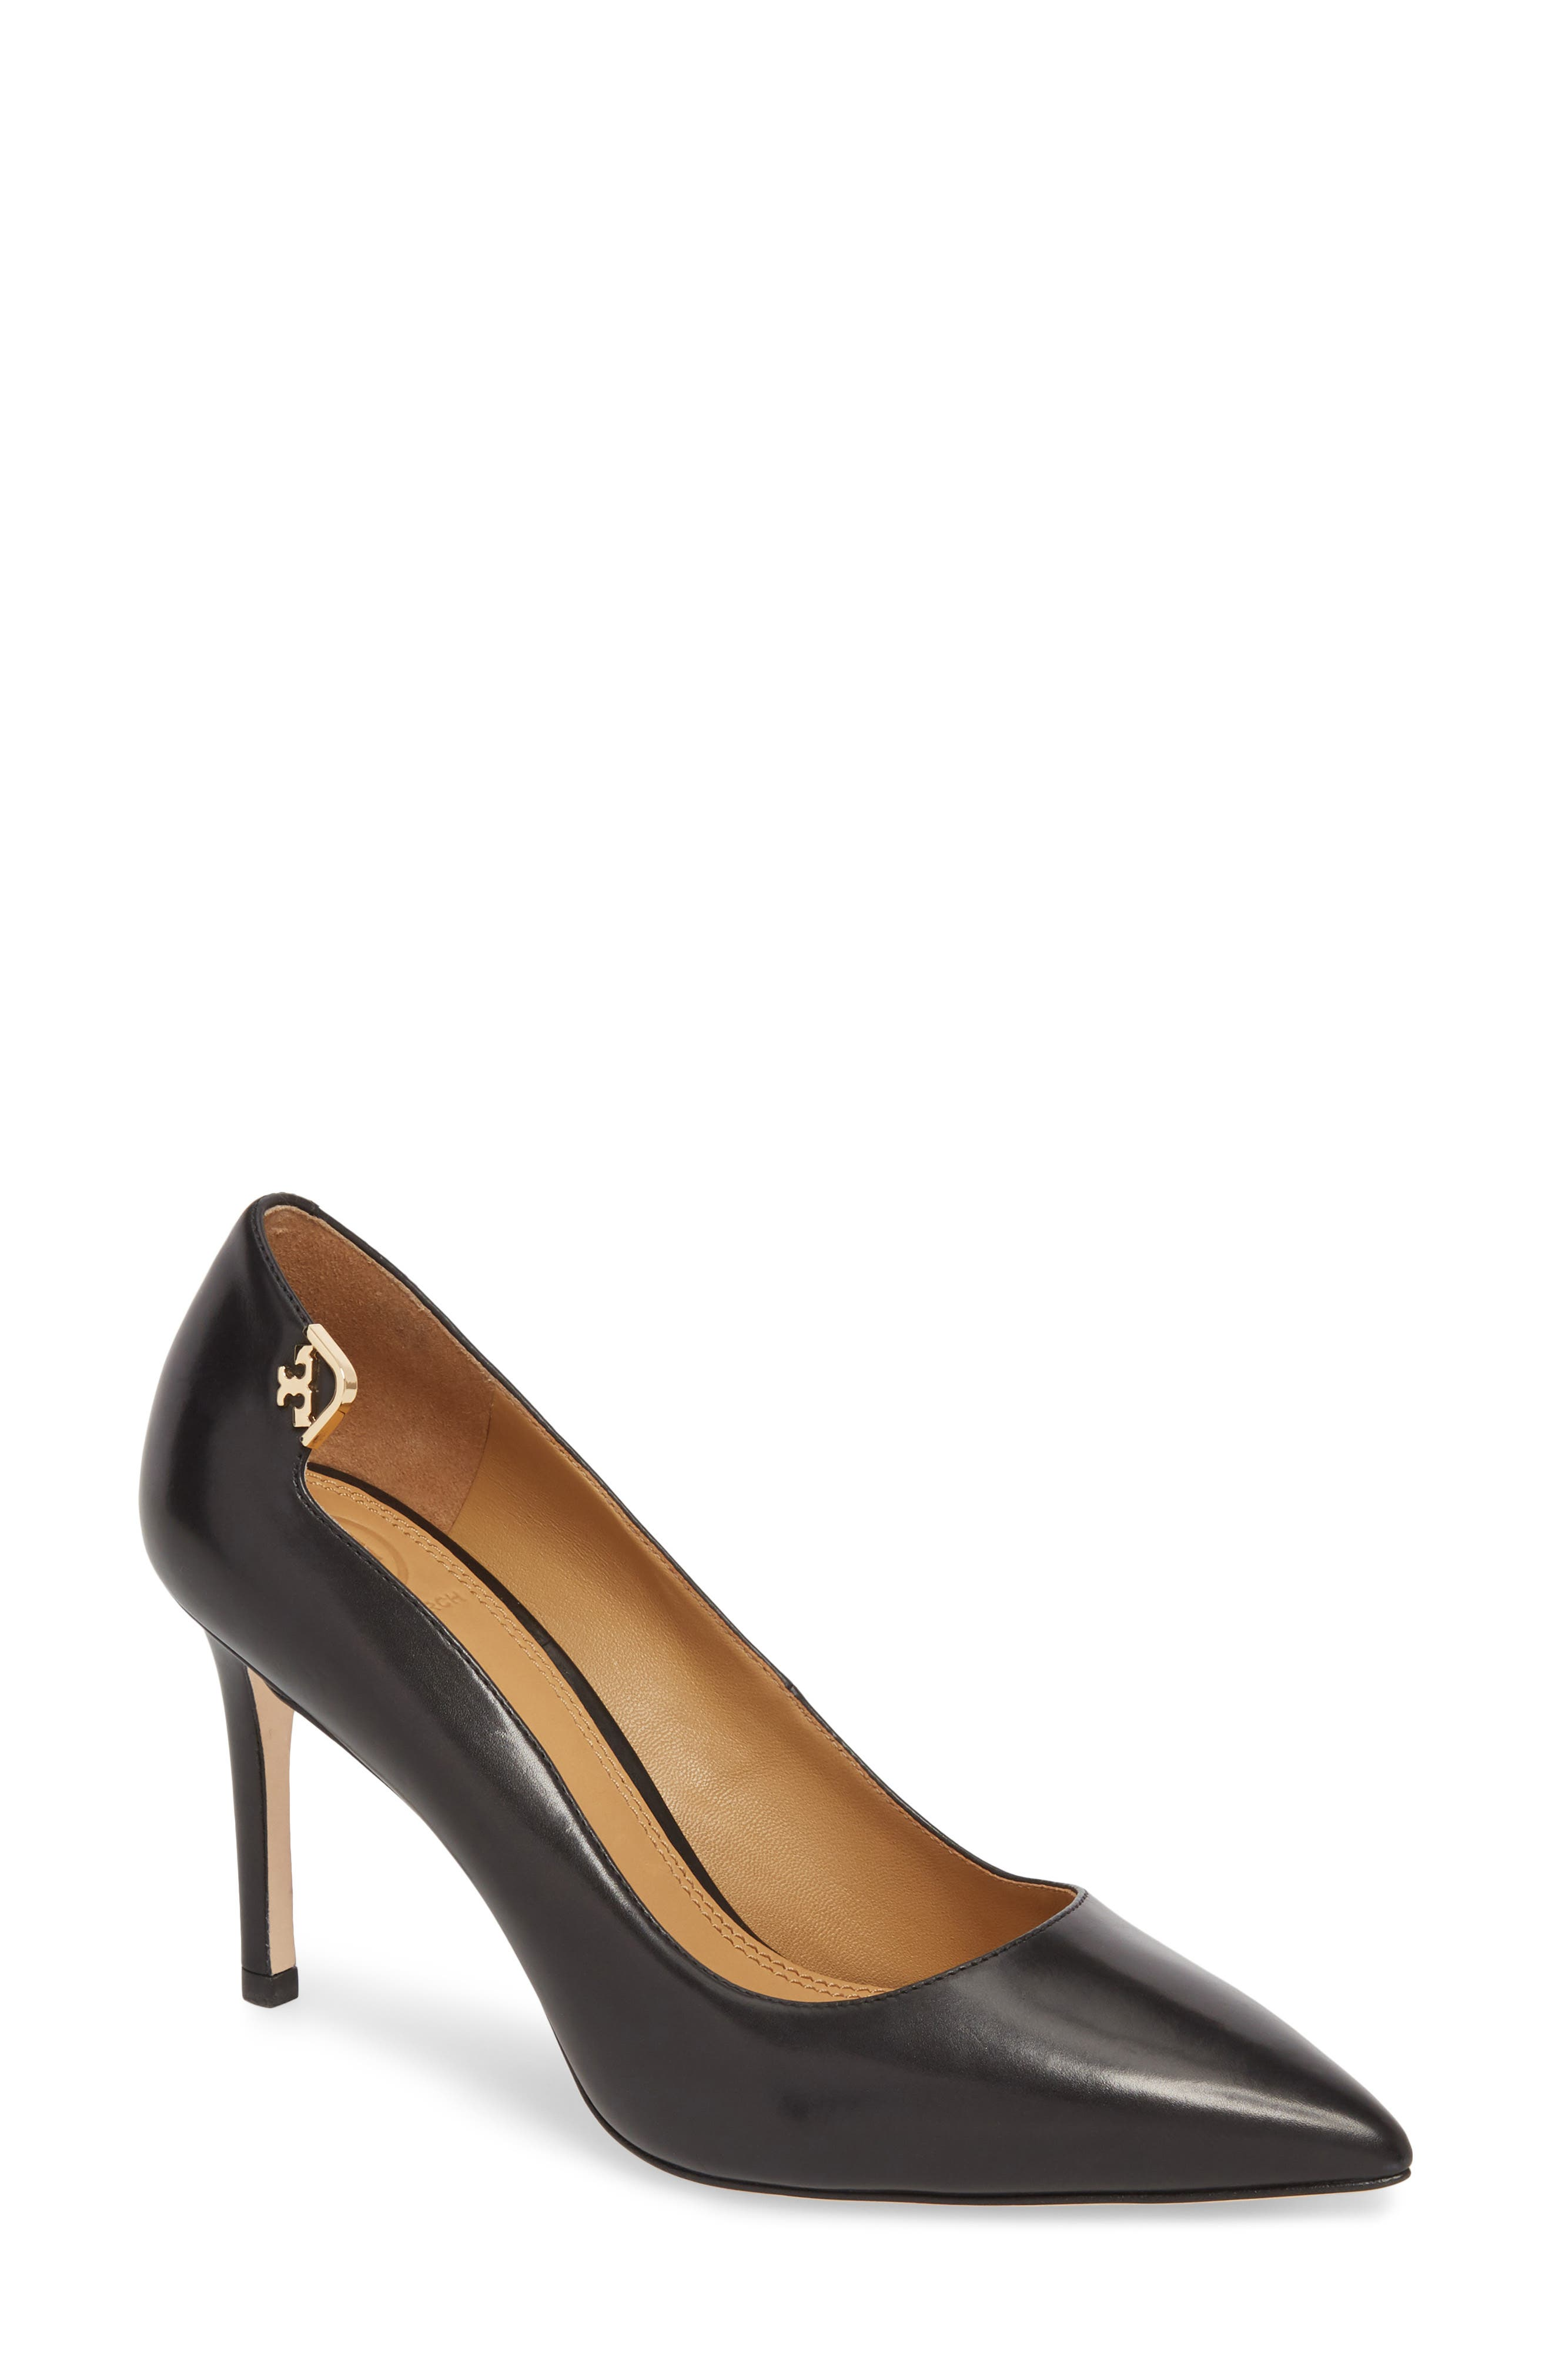 pumps black shoes tori Burch fashion style